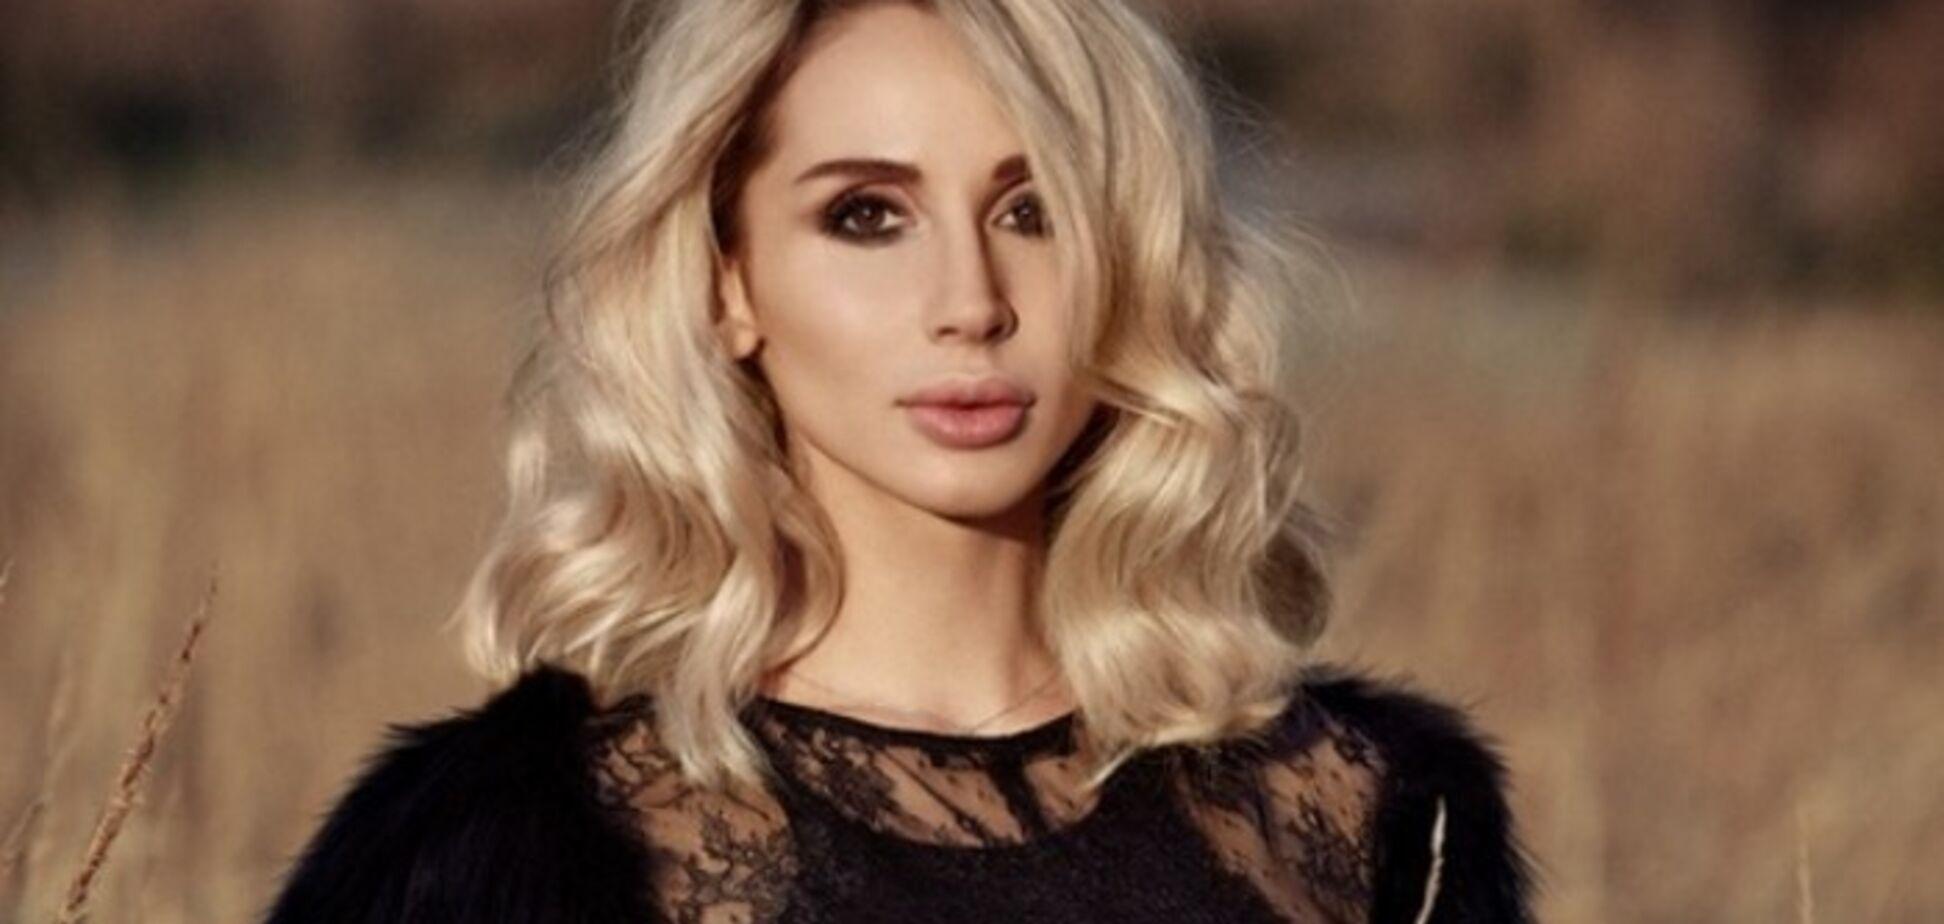 Светлана Лобода экстренно госпитализирована в Москве